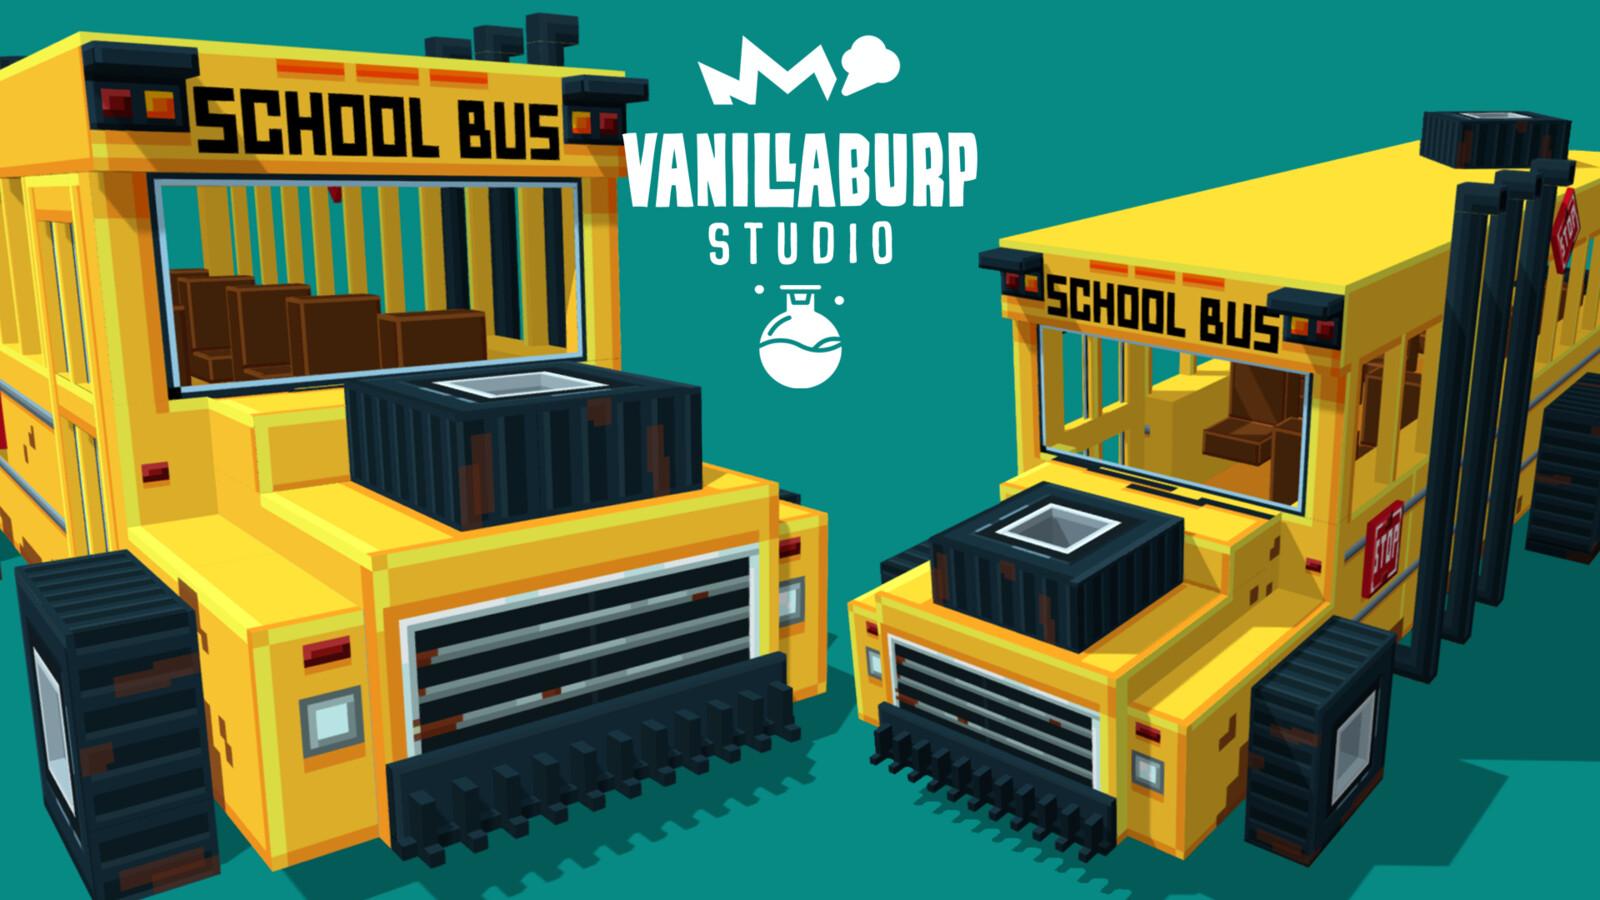 Apocalyptic School Bus